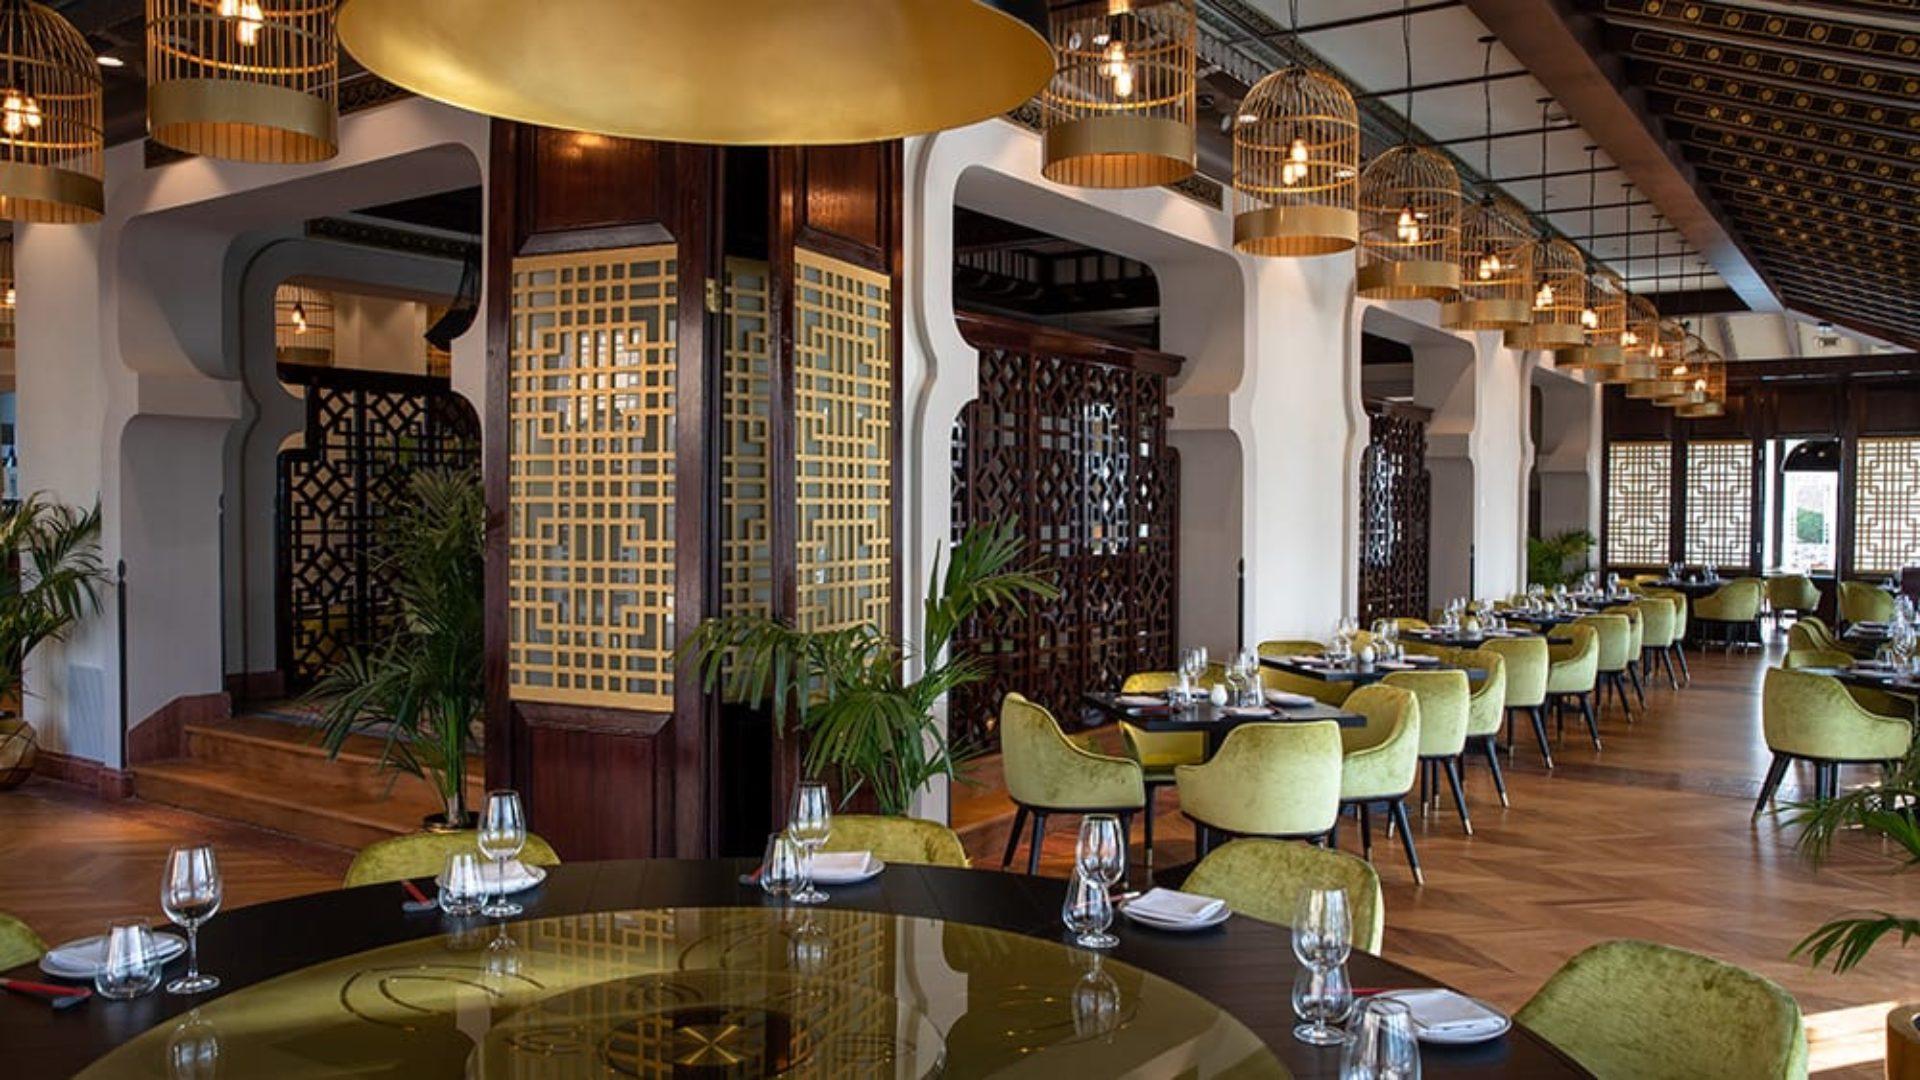 Indoor dining at Zheng He's Restaurant at Jumeirah Mina A'Salam